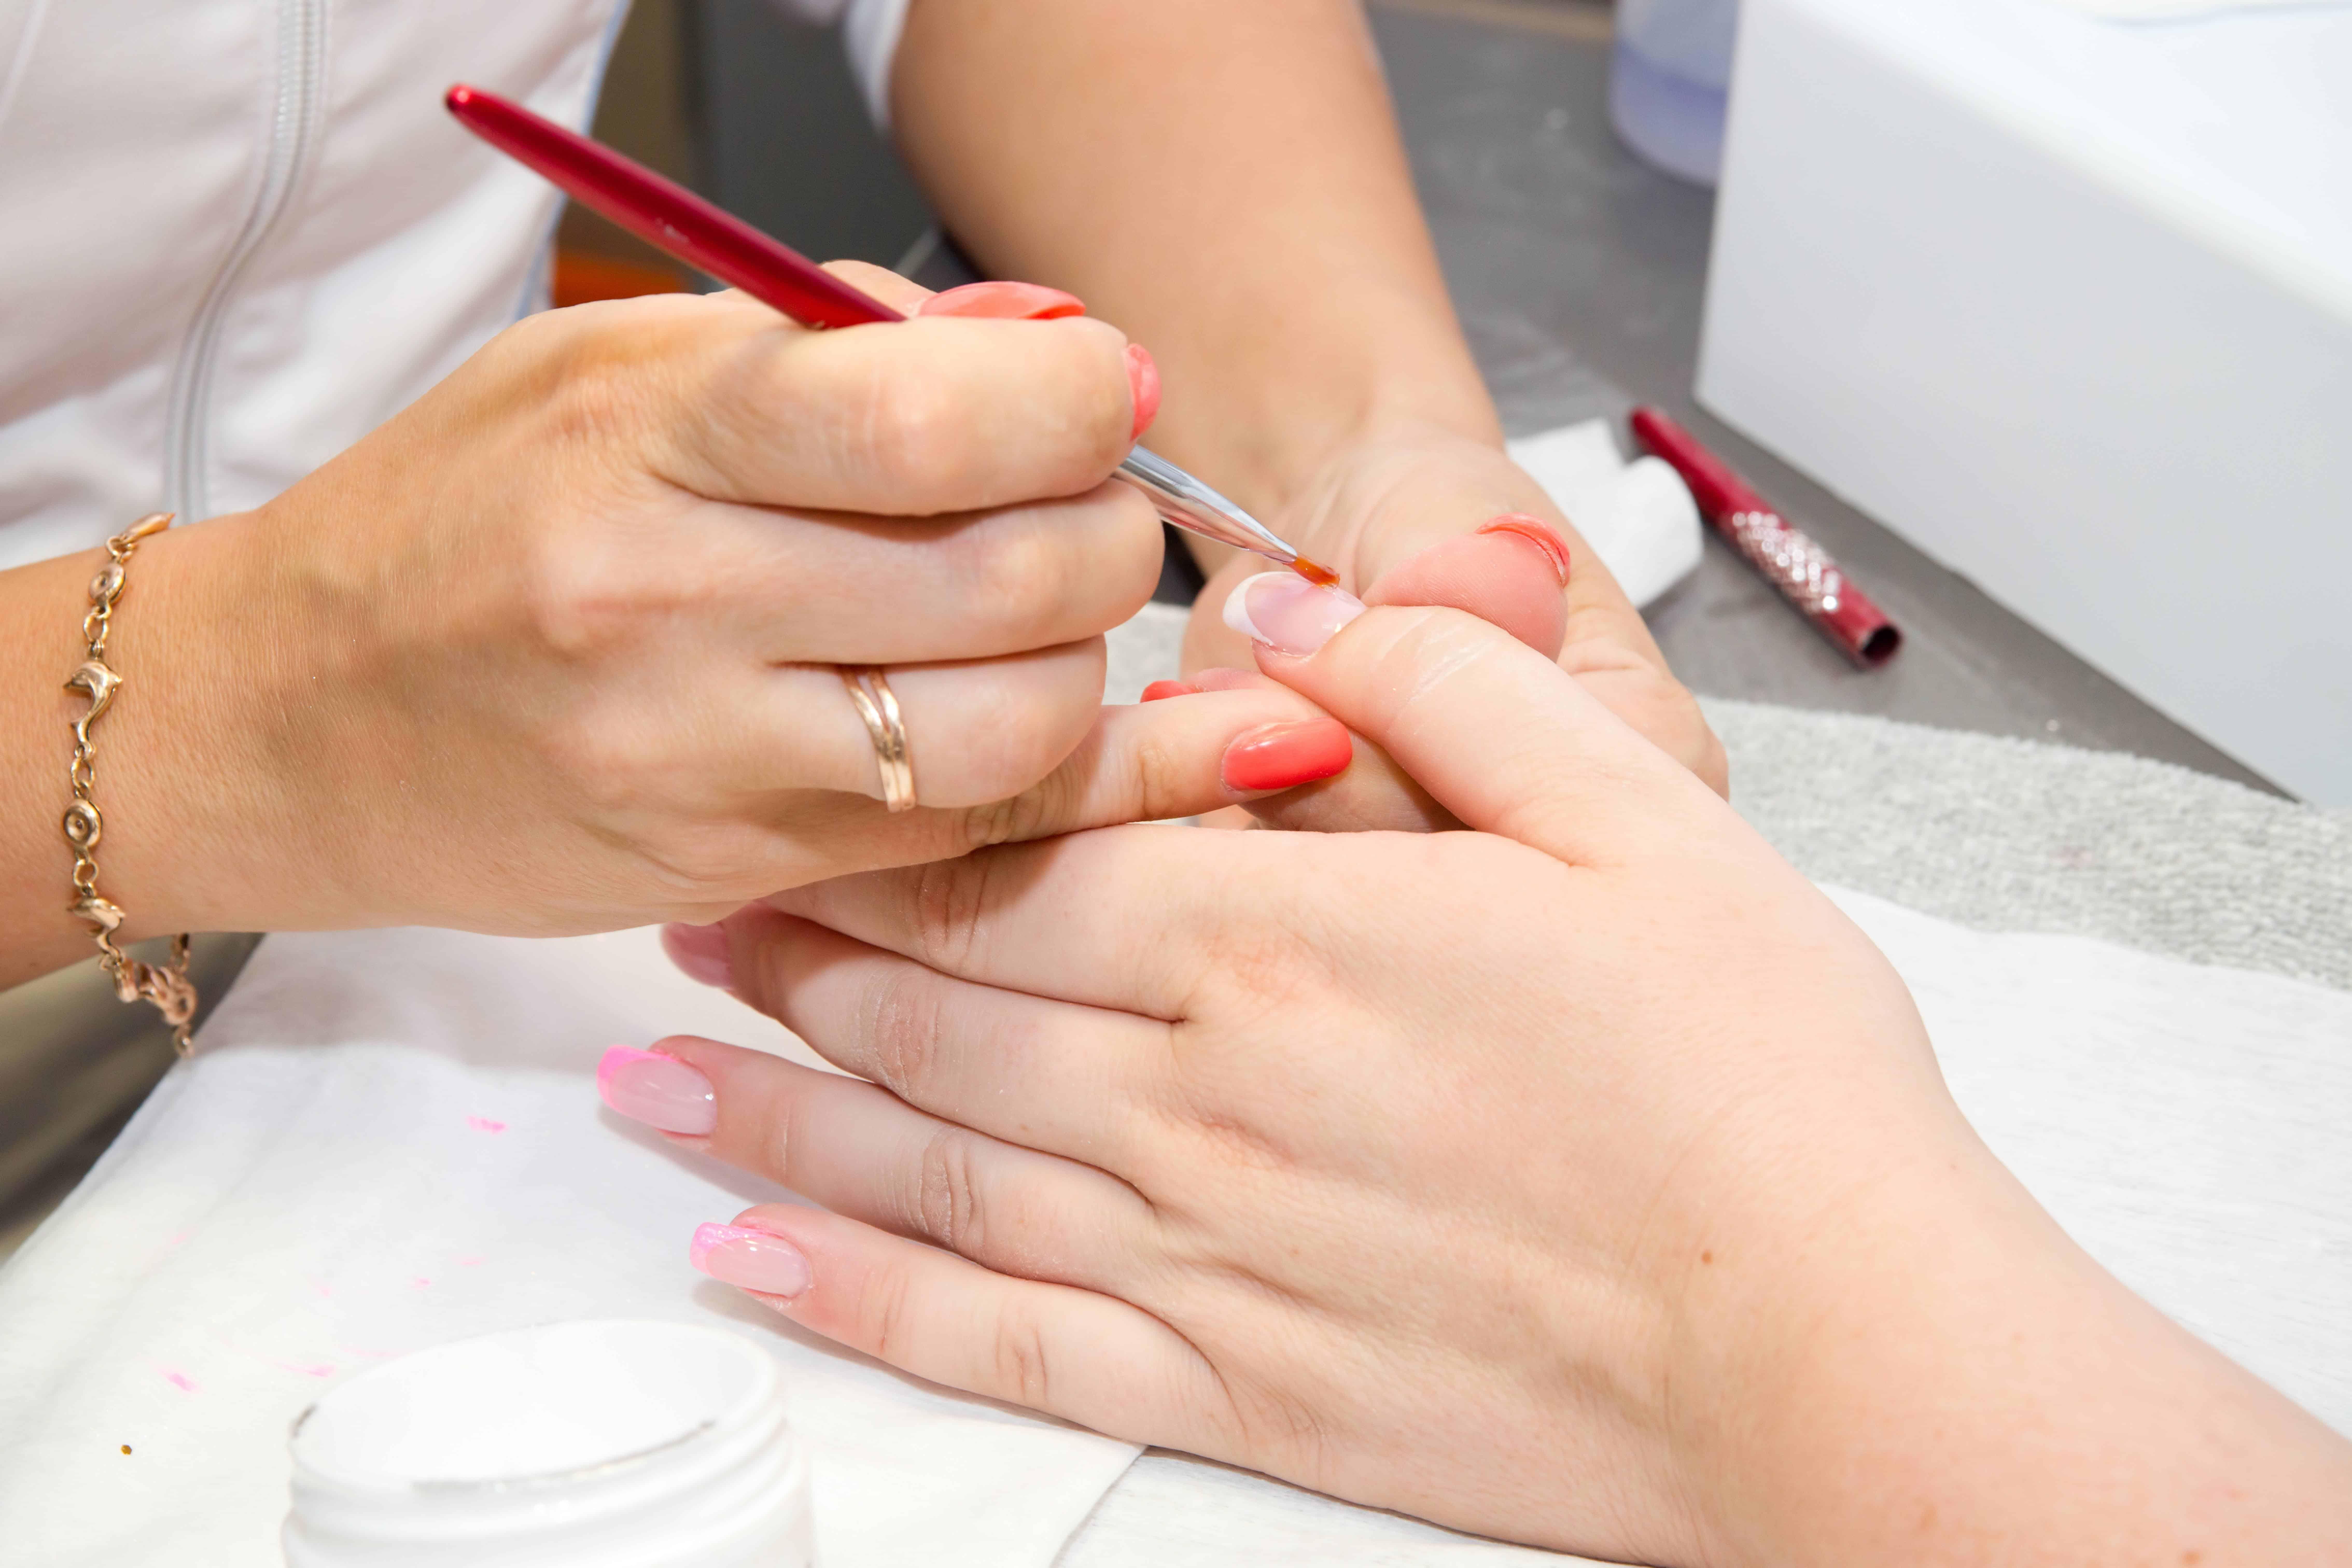 School Of Nails In English In Zurich Switzerland